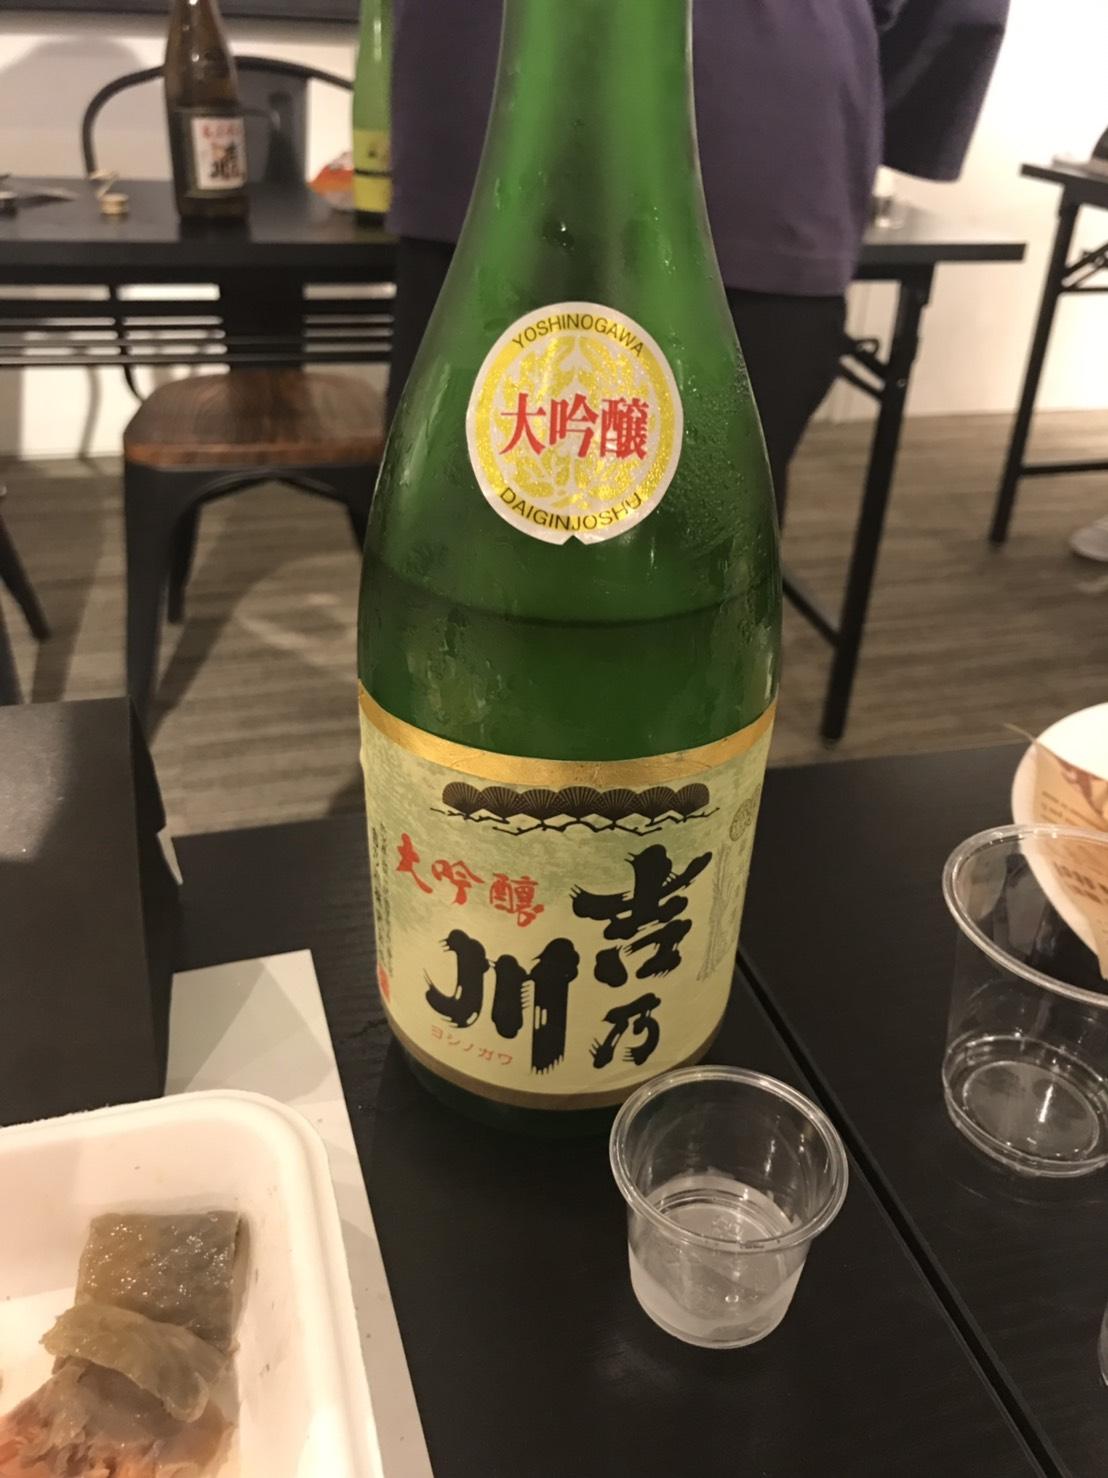 おしゃれでリーズナブルな会場で日本酒試飲会♪ TIME SHARING タイムシェアリング  スペースマネジメント あどばる adval SHARING